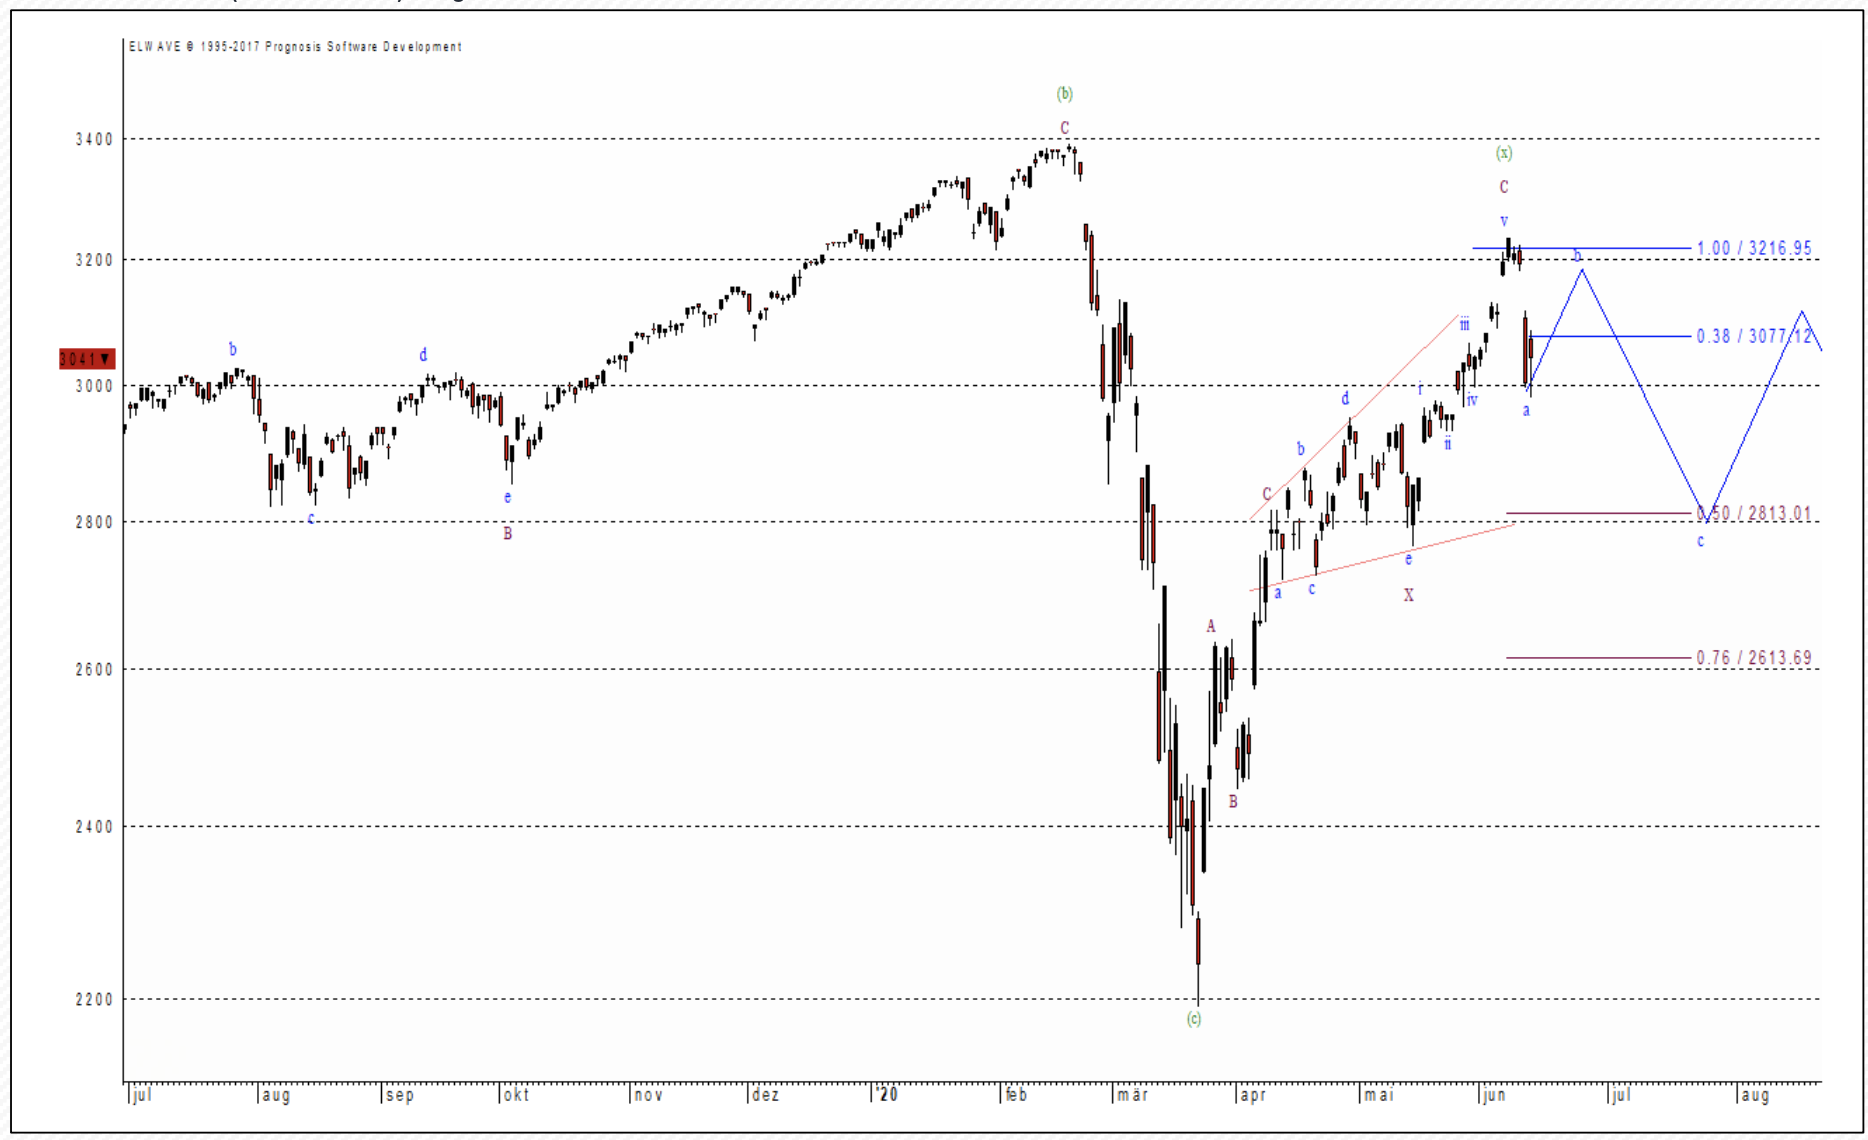 S&P 500 Kurschart